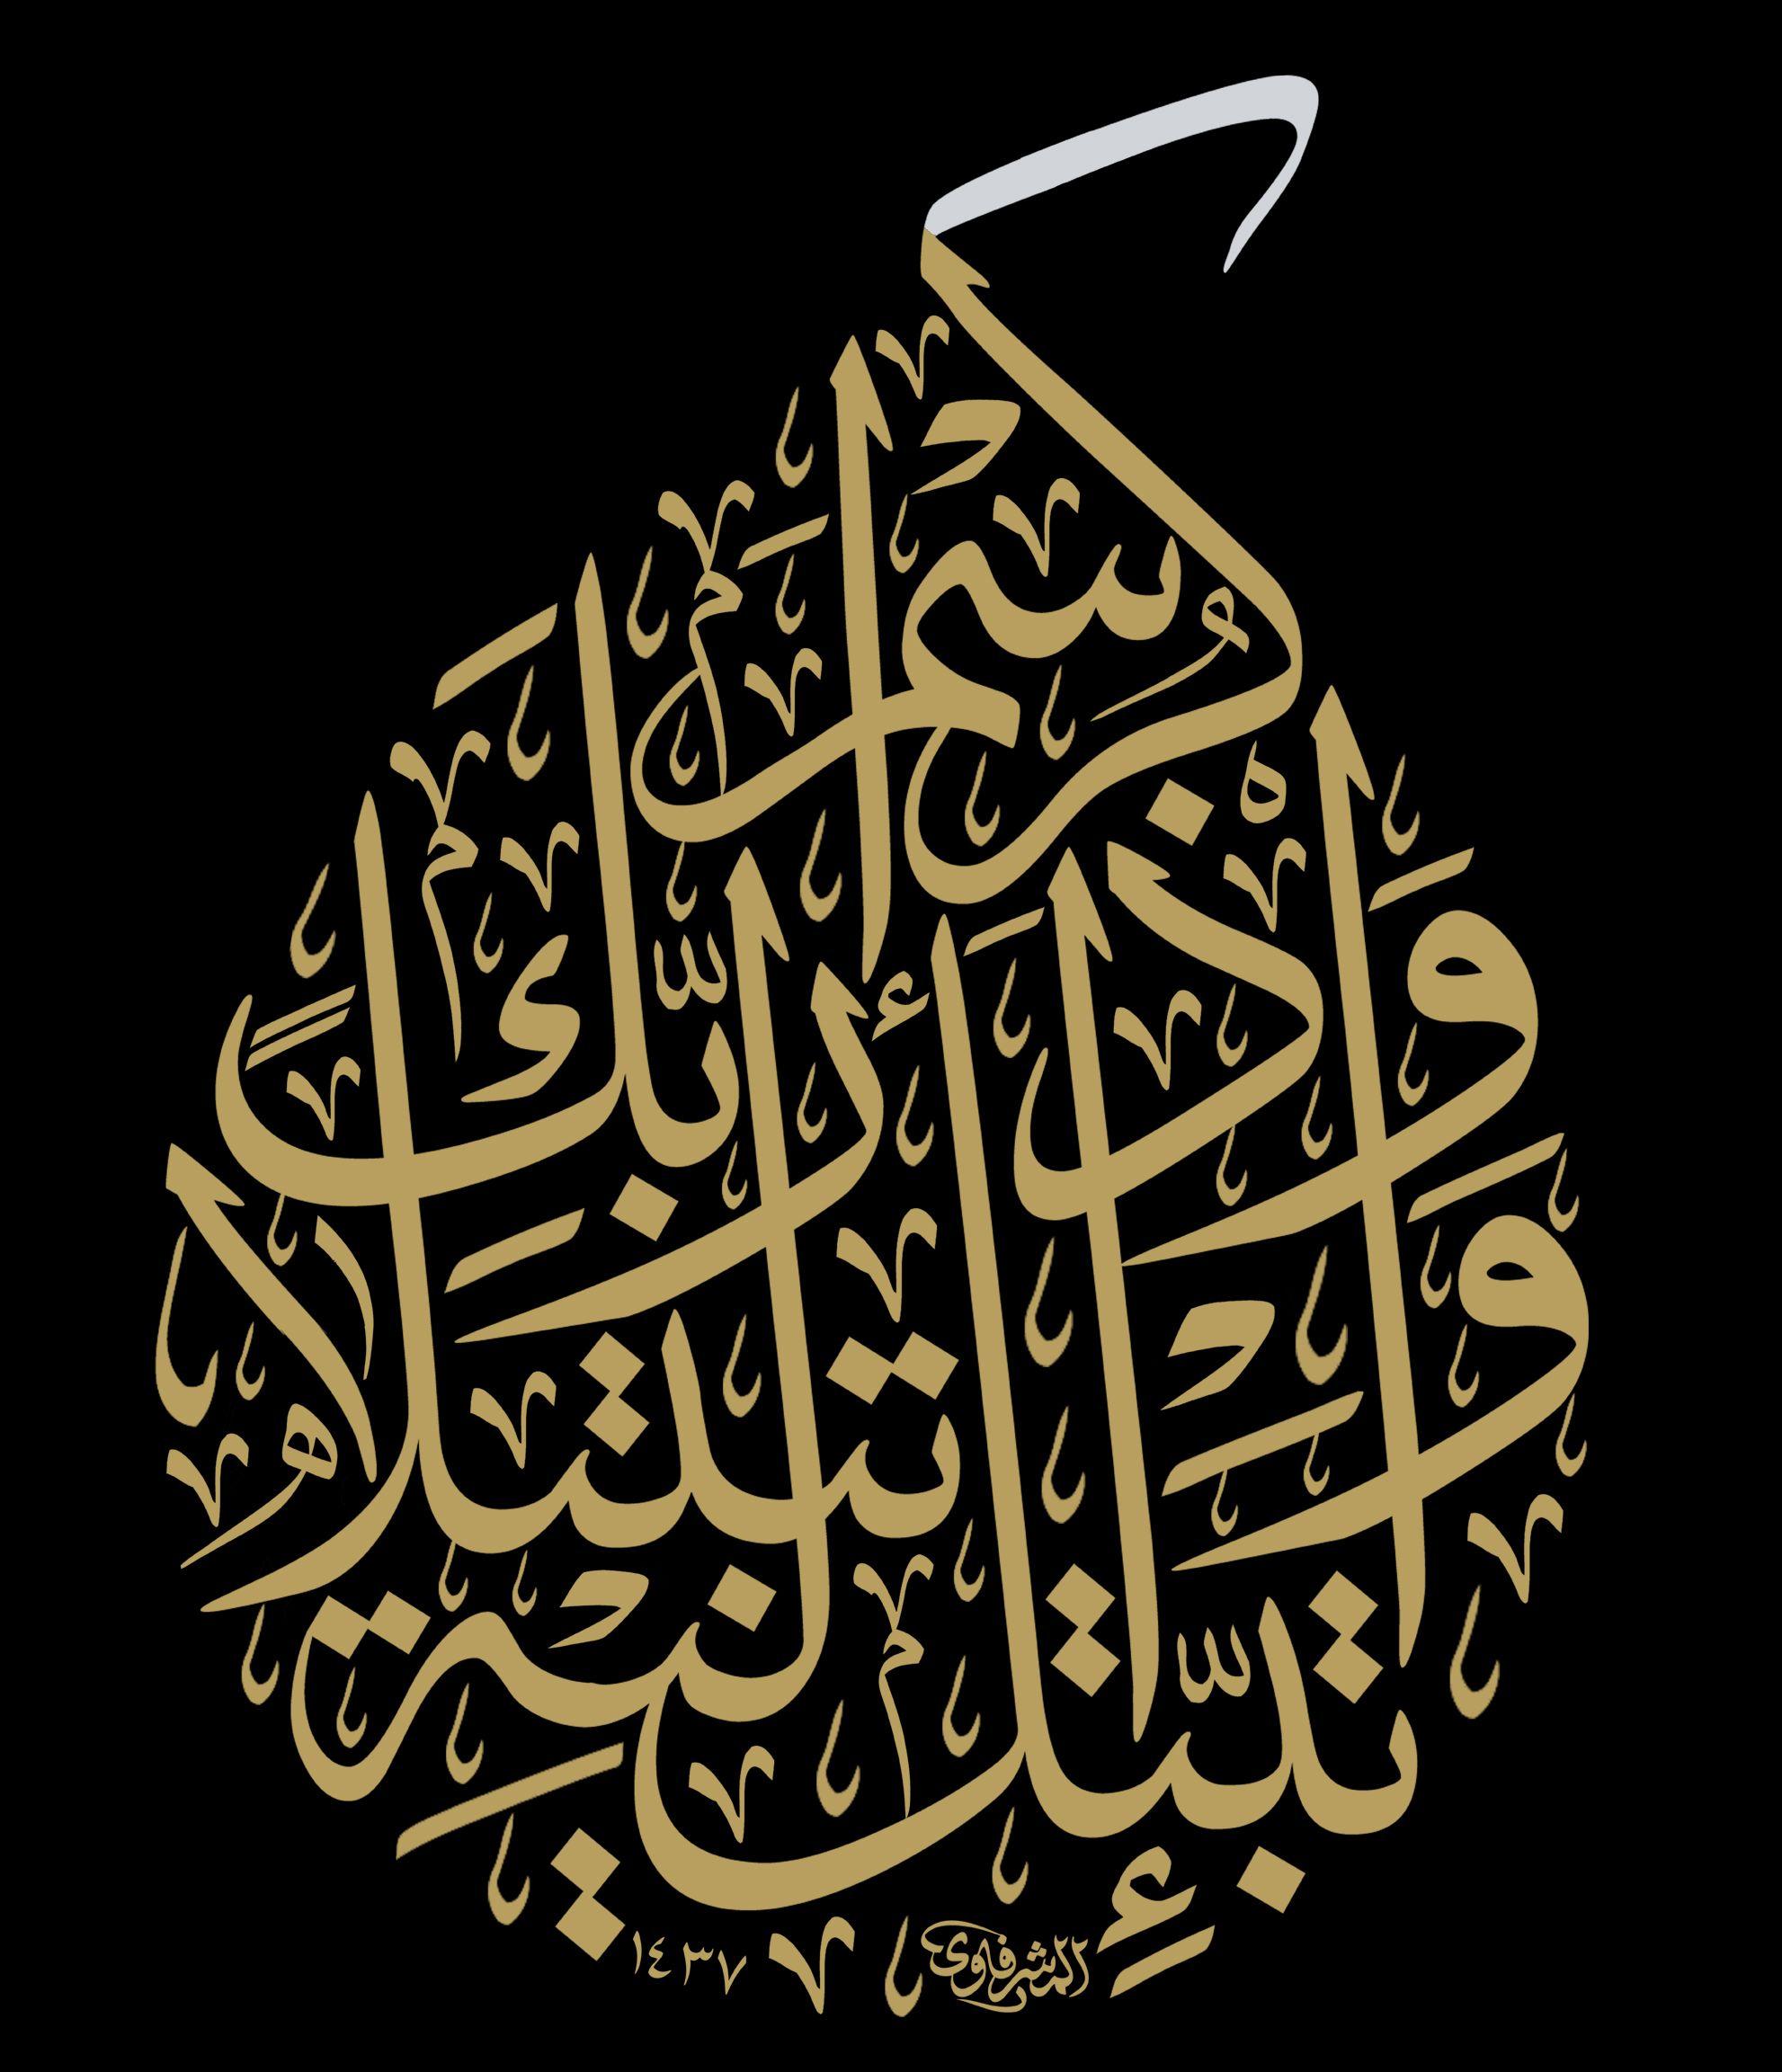 و اذ ك ر اس م ر ب ك و ت ب ت ل إ ل ي ه ت ب ت يلا الخطاط محمد الحسني المشرفاوي Arabic Calligraphy Art Islamic Caligraphy Calligraphy